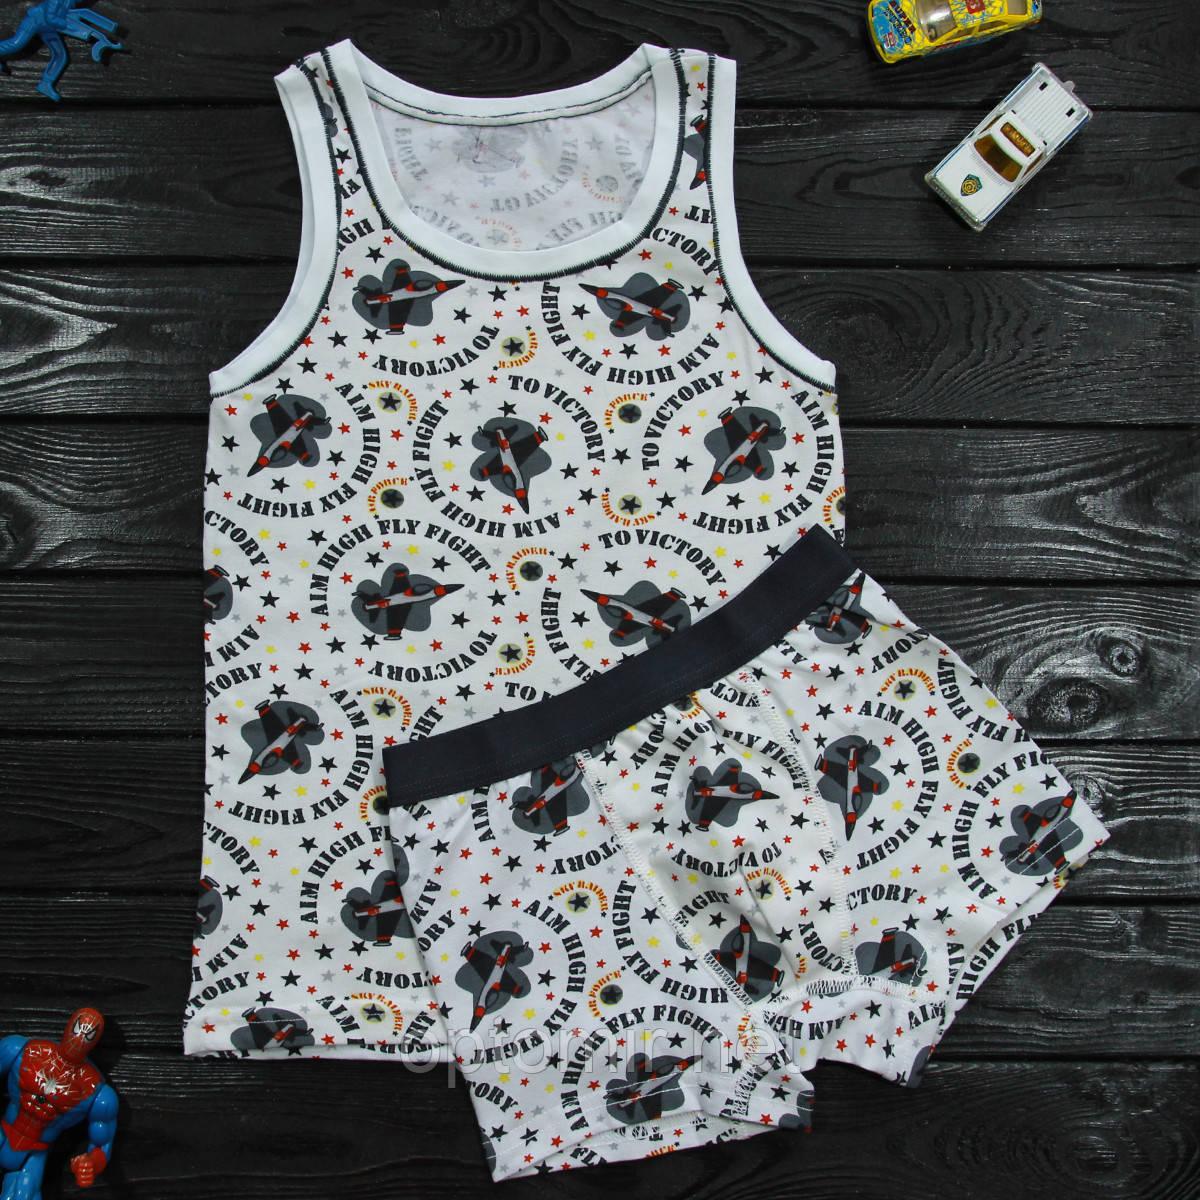 Комплект детский Donella белый для мальчика на 6/7 лет | 1шт.